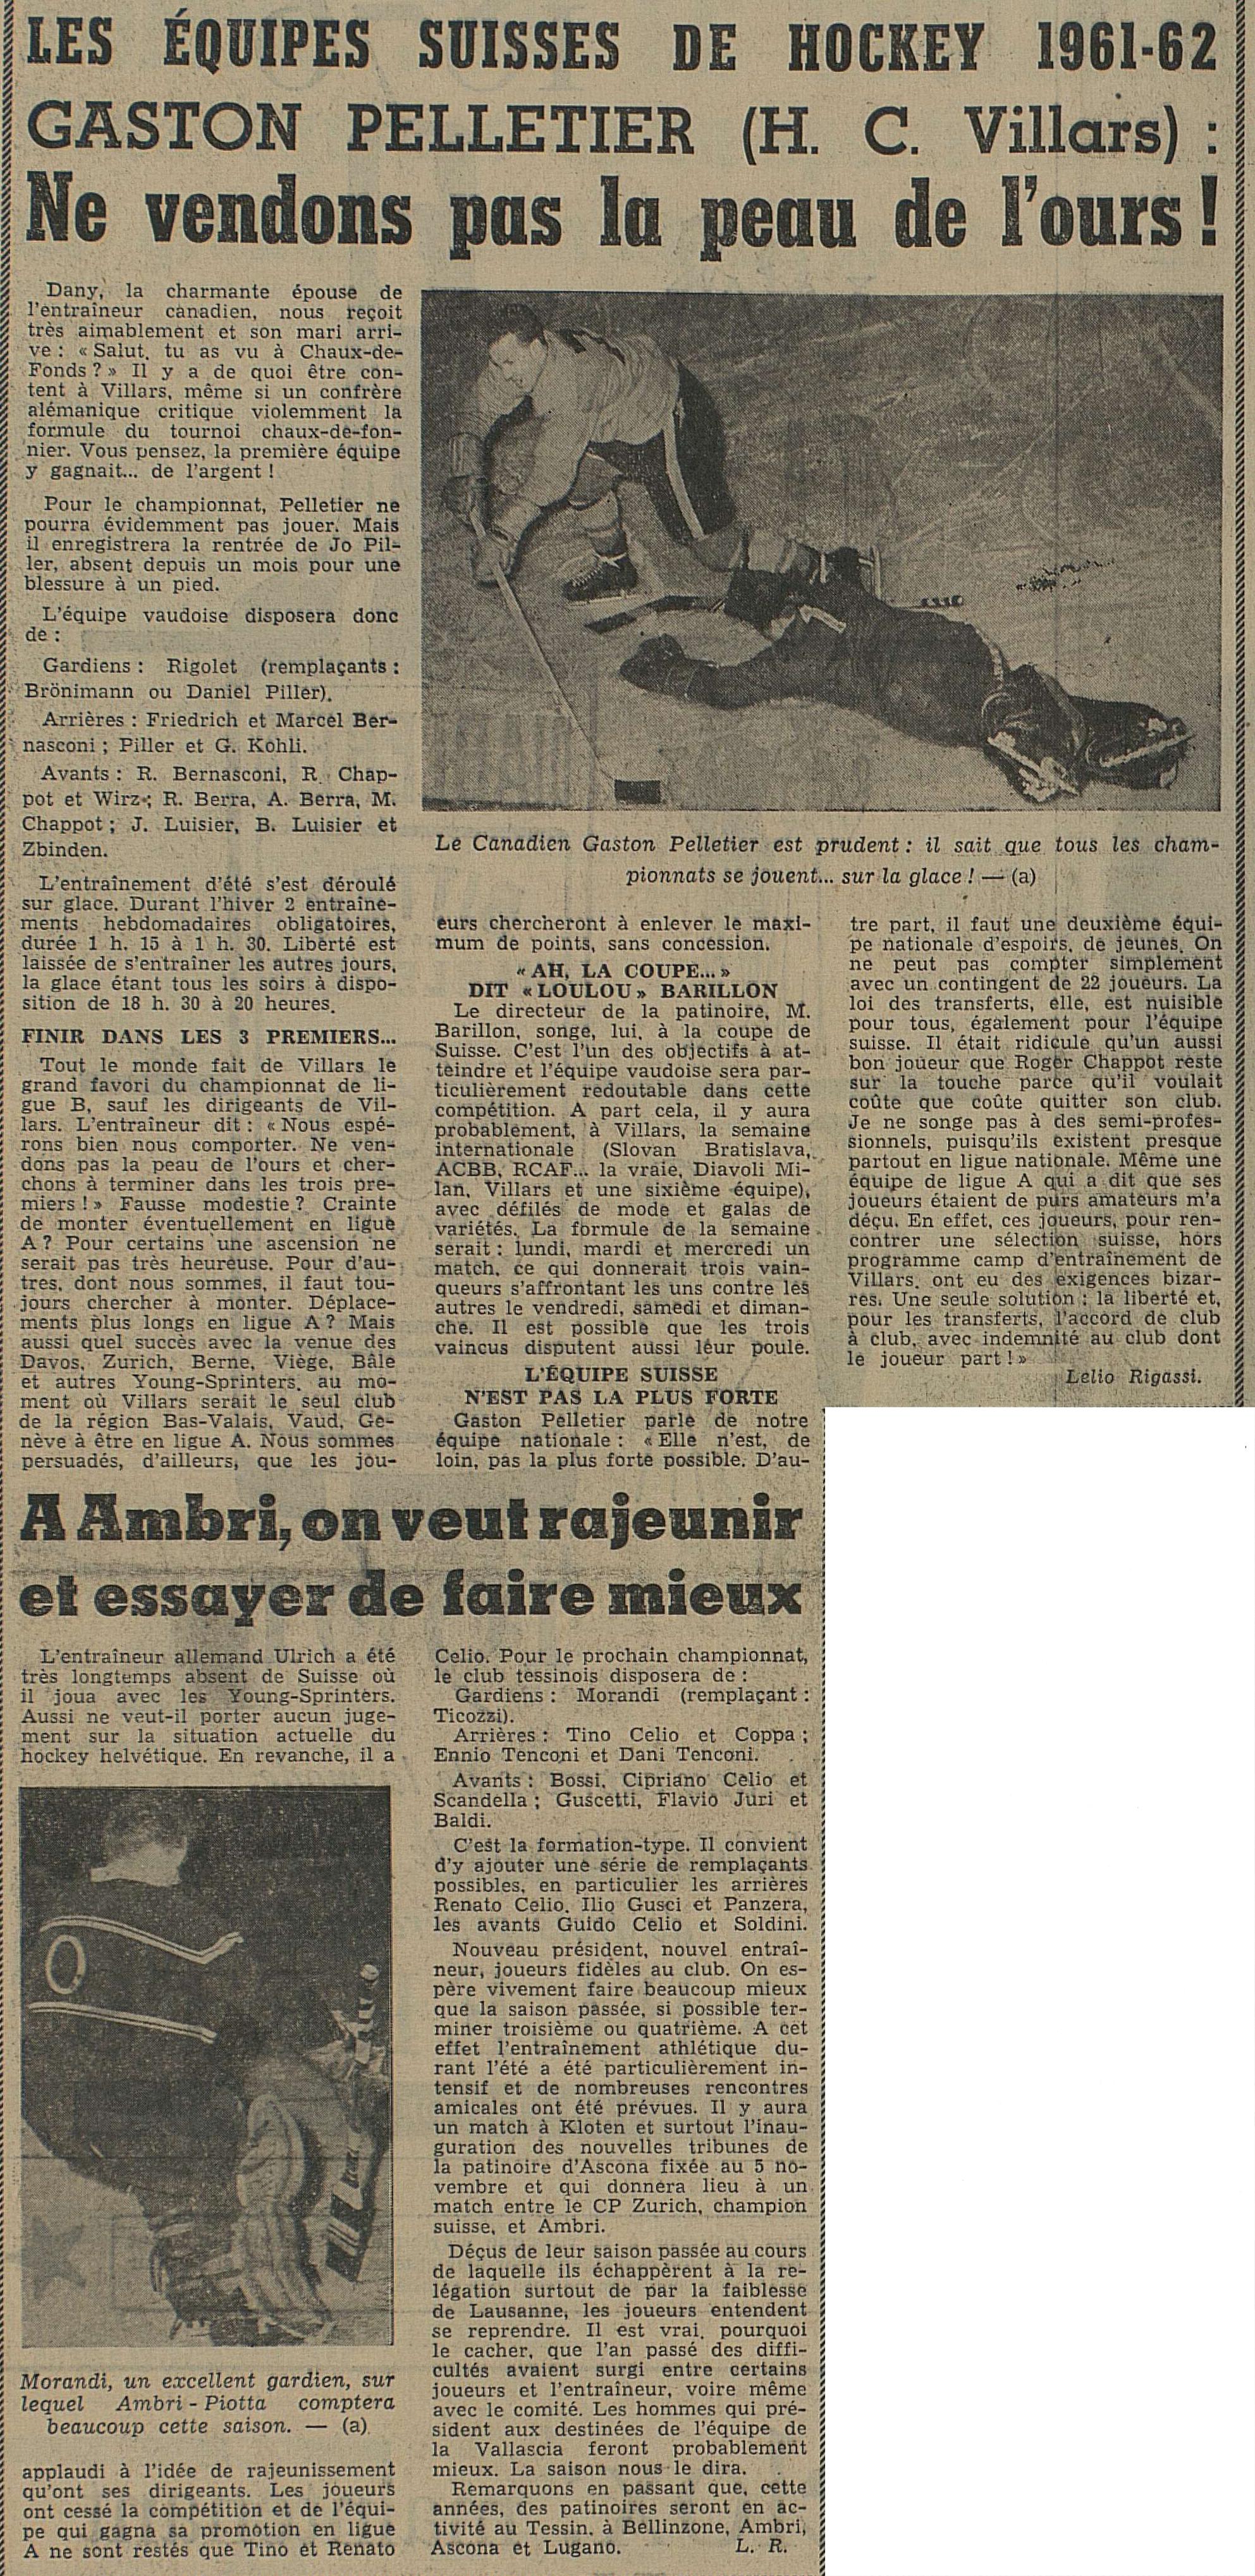 Le Matin - Tribune de Lausanne_19611028_2++-2.jpg